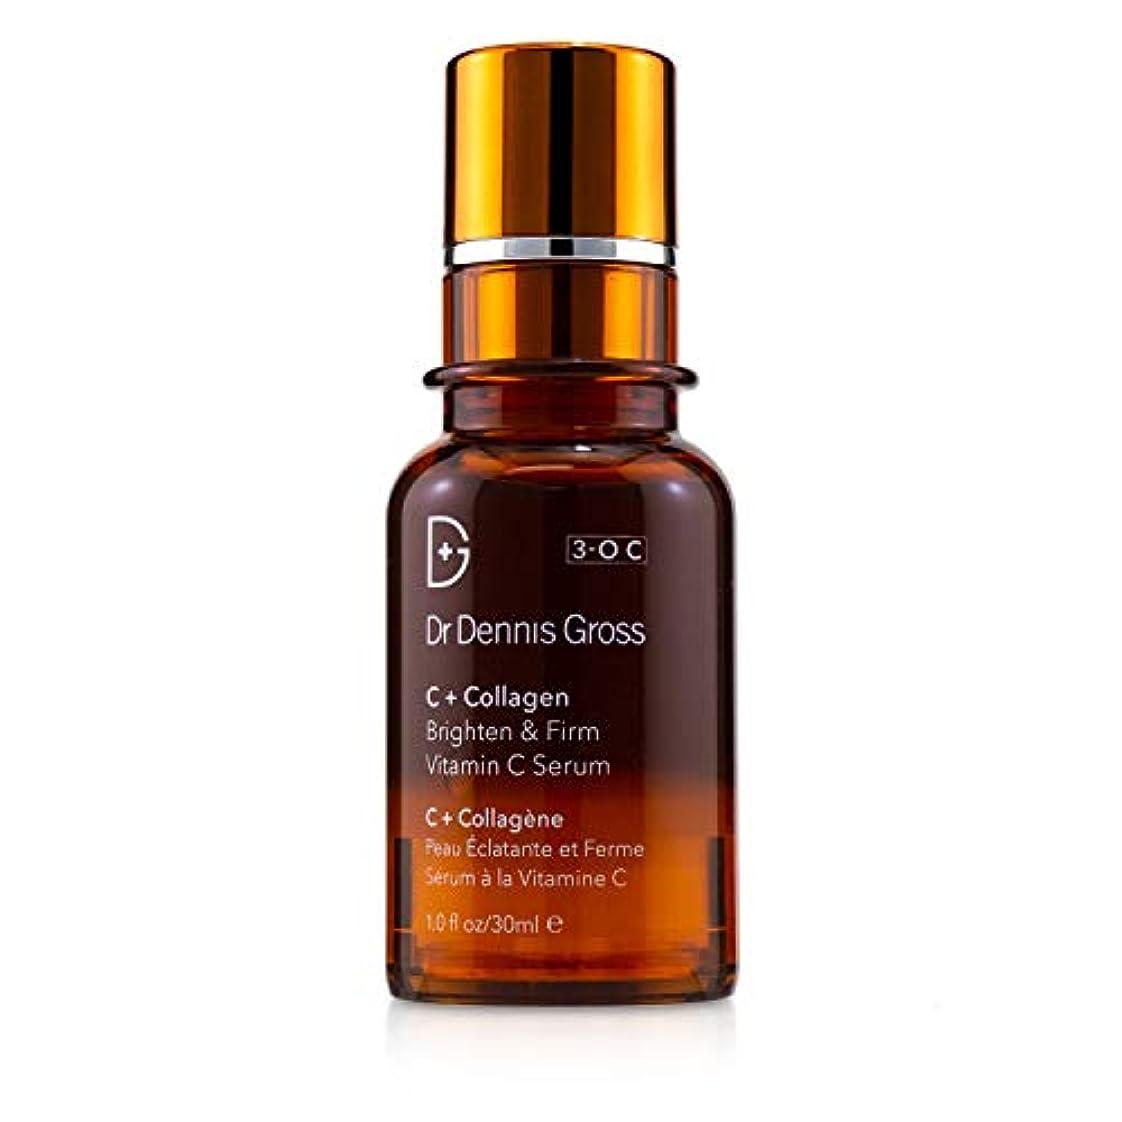 知恵富明示的にドクターデニスグロス C + Collagen Brighten & Firm Vitamin C Serum - Salon Product 30ml/1oz並行輸入品